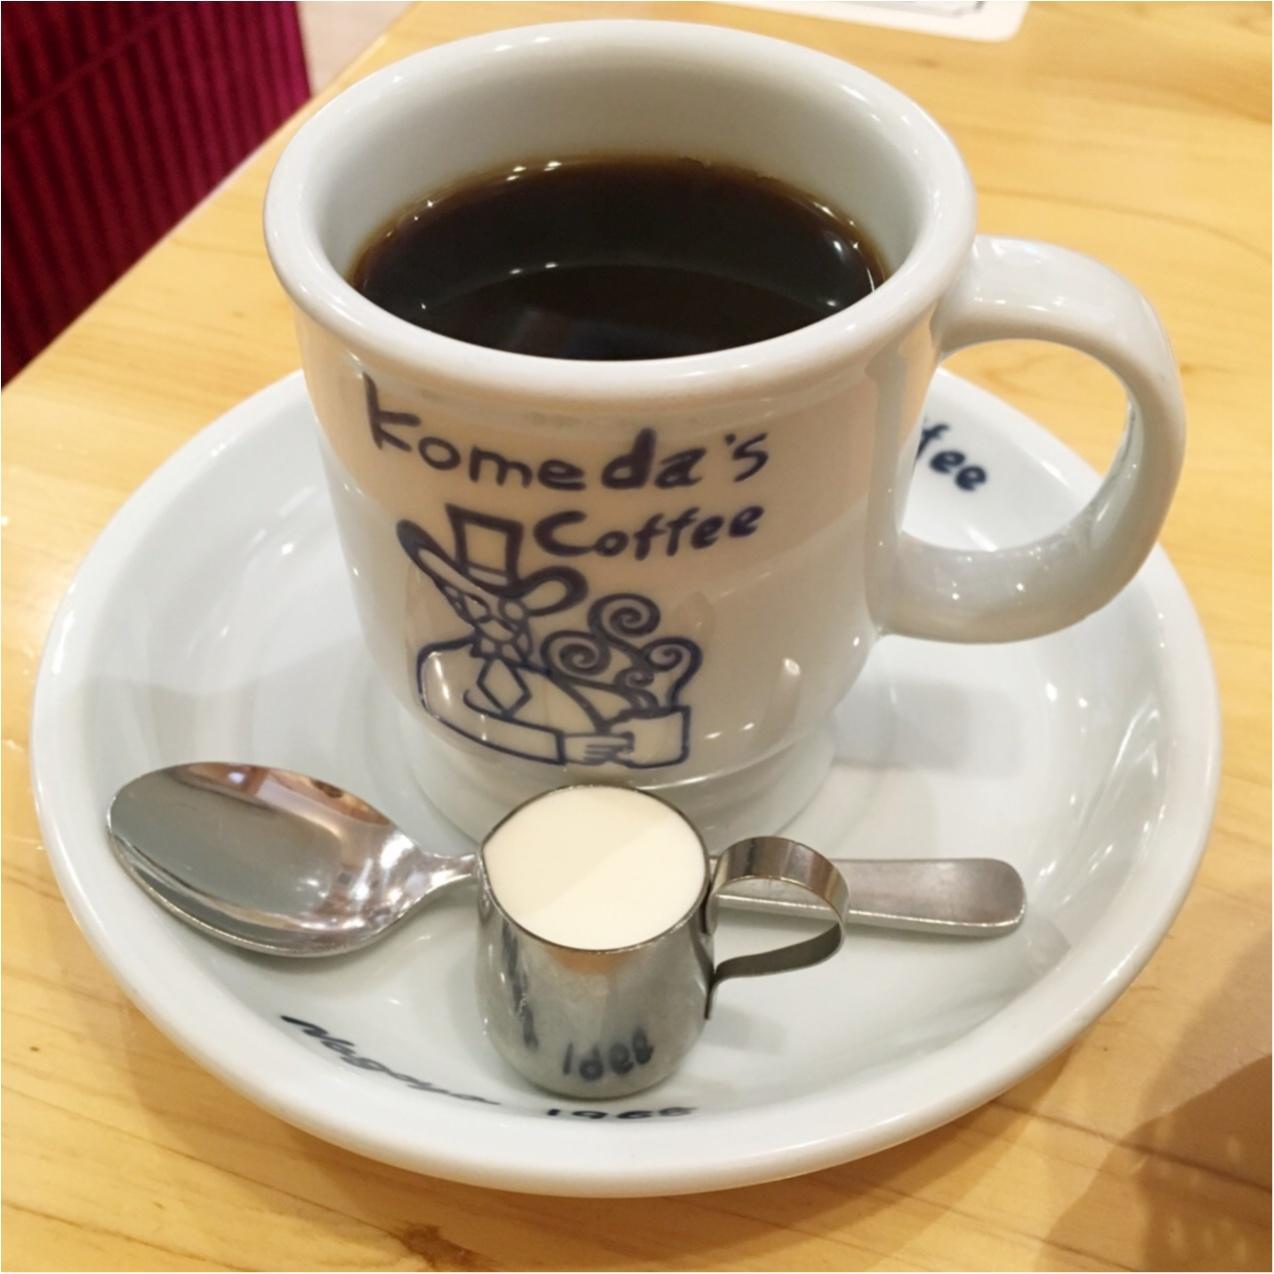 朝カフェしちゃおう♡《 コメダ珈琲 》のモーニングが美味しくてお得♡_4